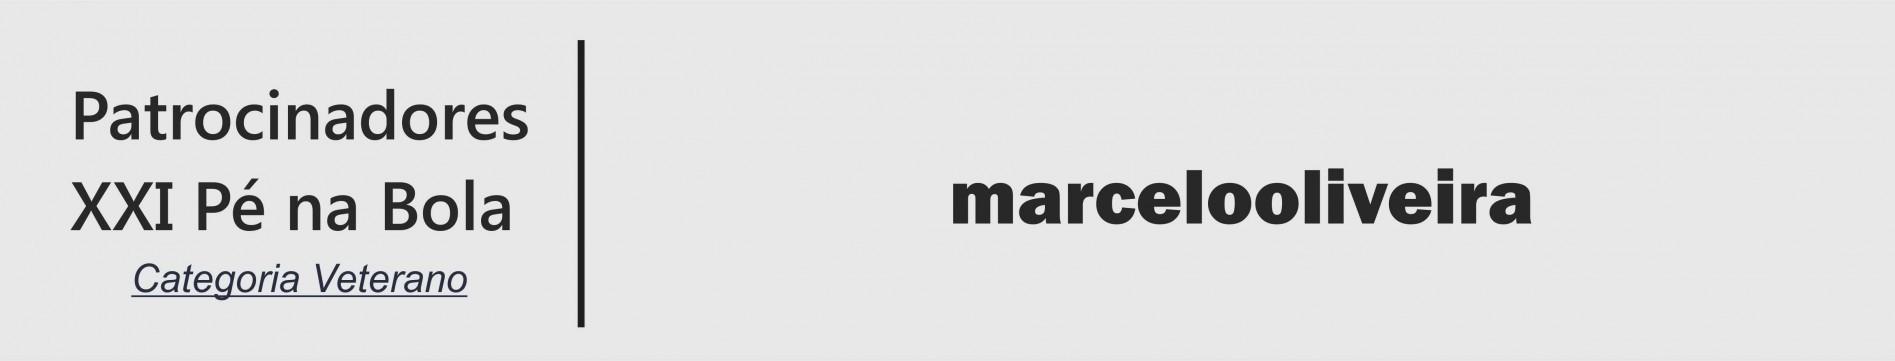 uploads/multimidia/20180620014222-marcelo-oliveira.jpg